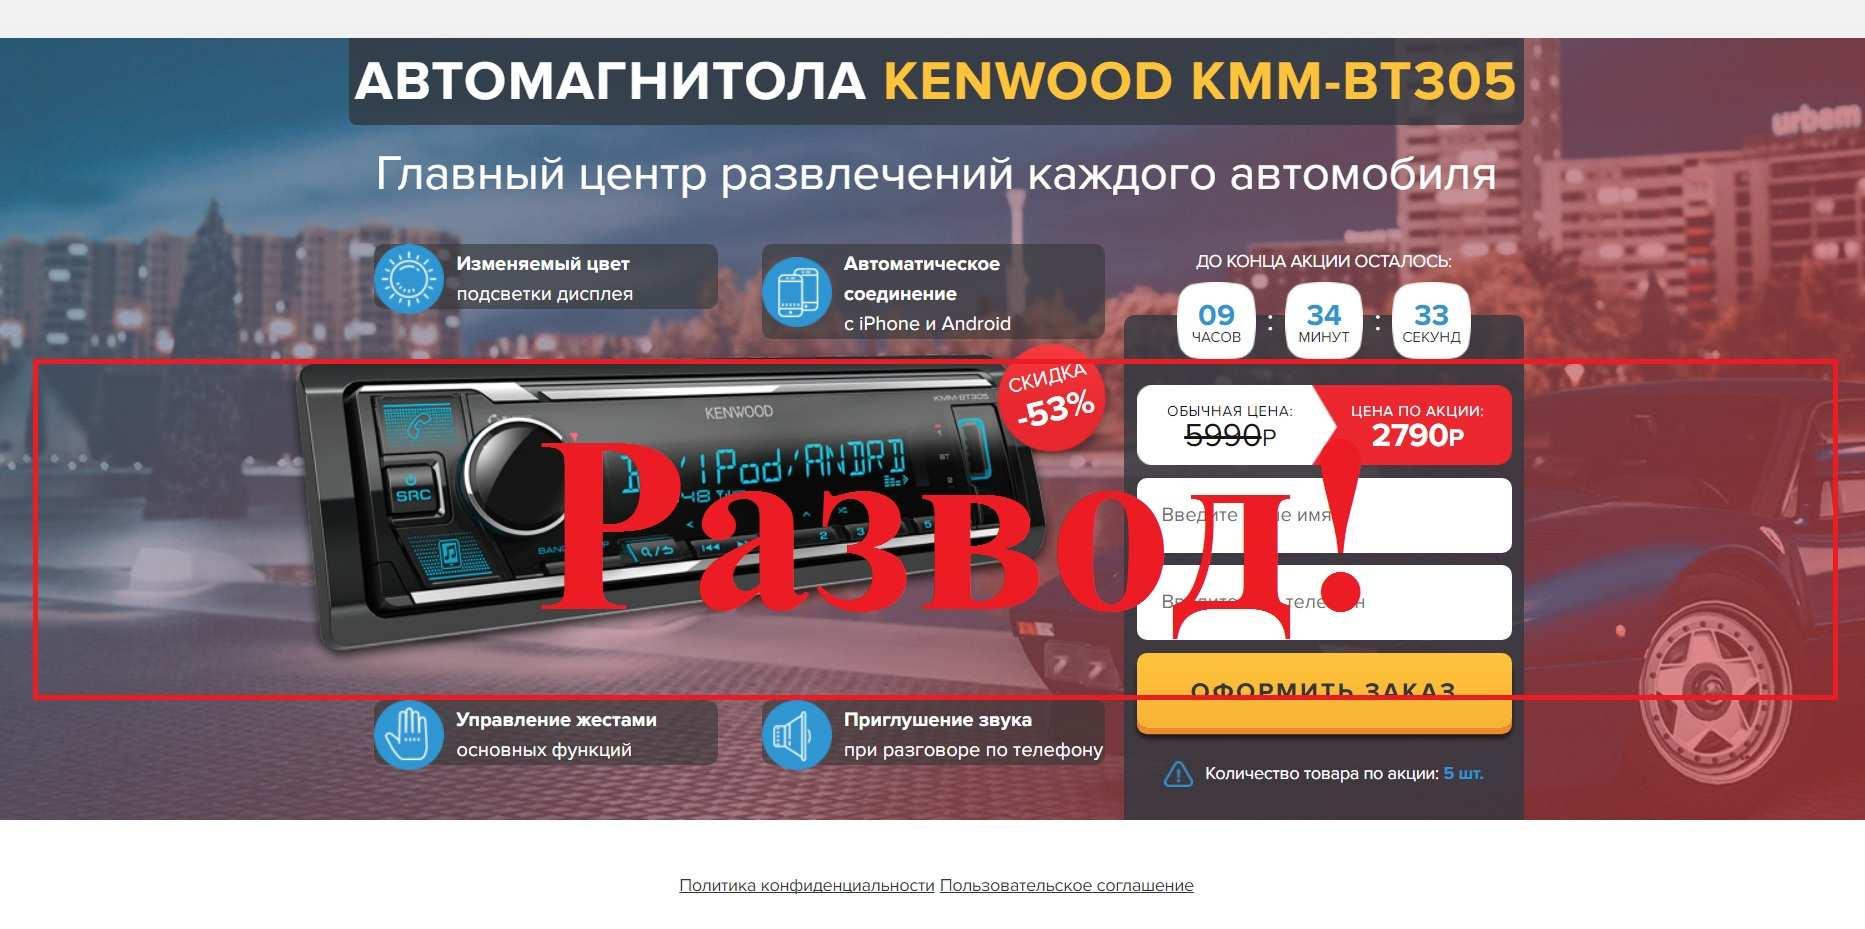 KENWOOD KMM-BT305 – отзывы о дешевой автомагнитоле